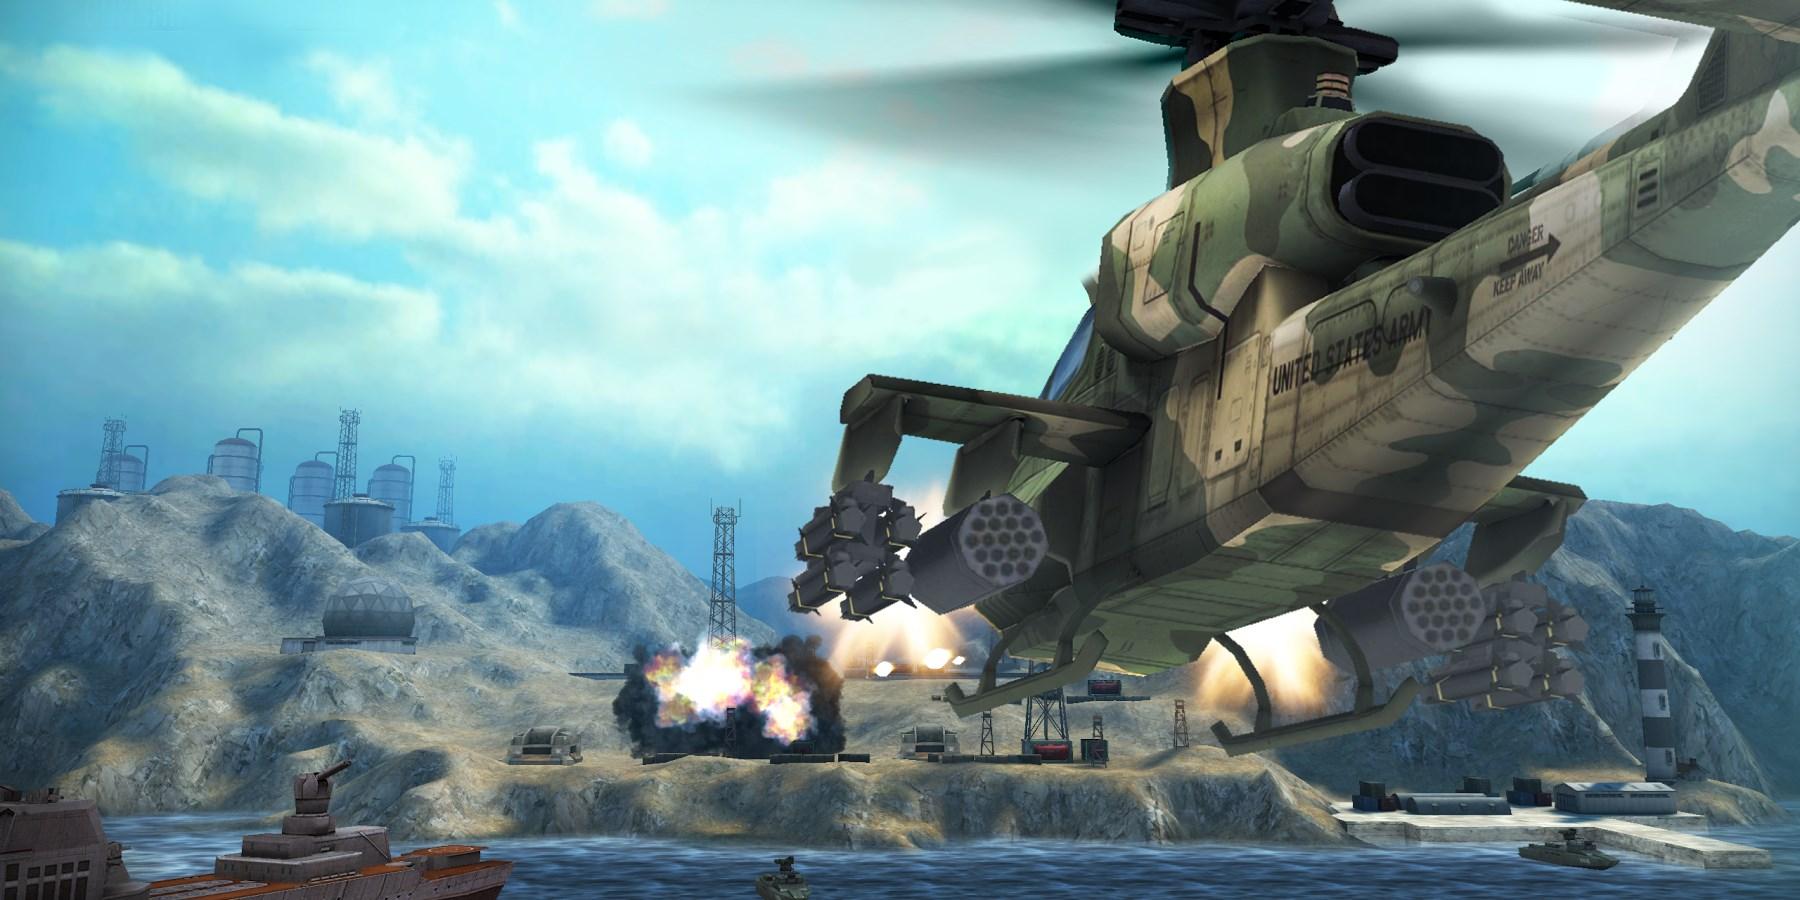 Gunship Battle2 VR - Imagem 1 do software